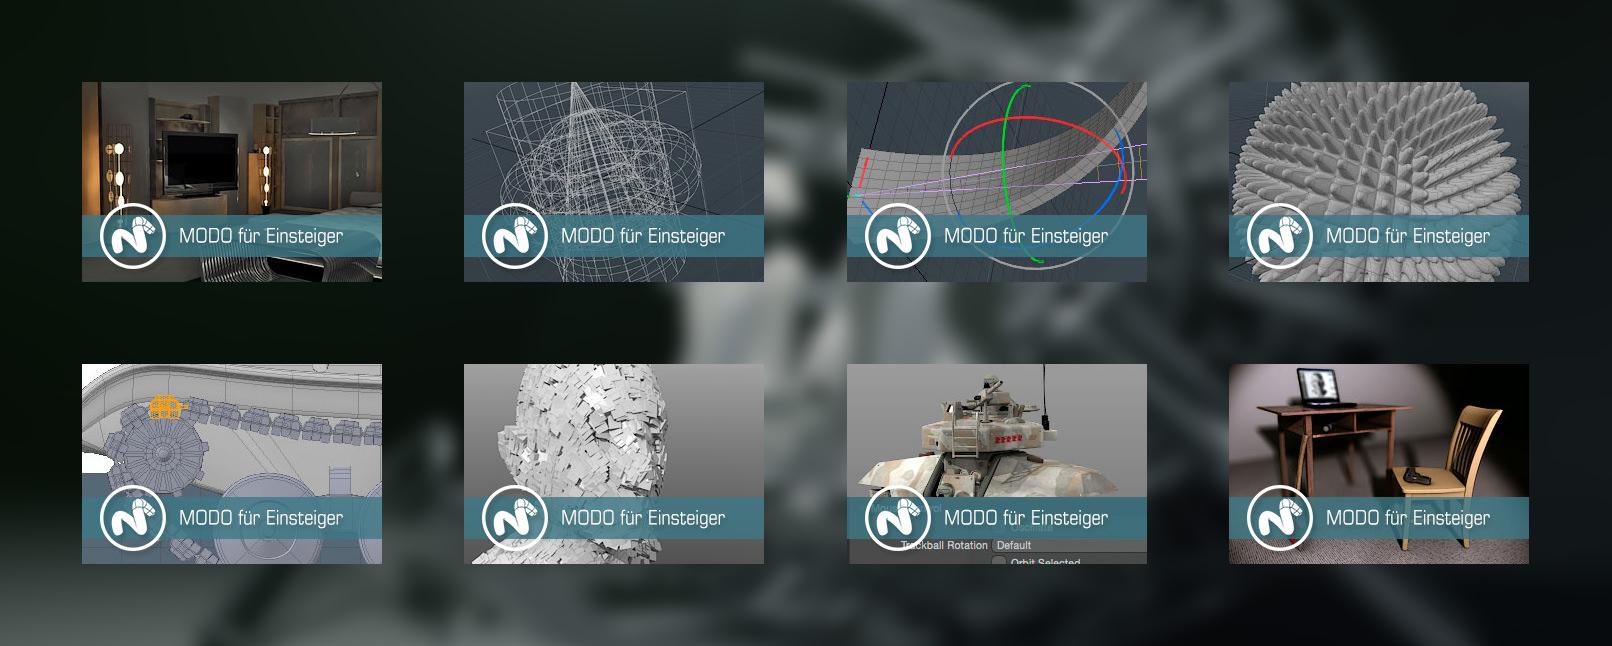 Ein Überblick über die verschiedenen Tutorials und Kapitel zu The Foundry MODO: 3D, Sculpting, Rendering